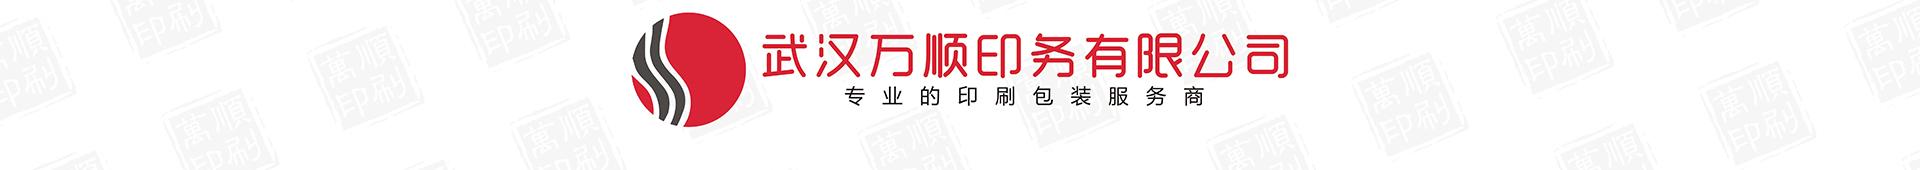 武汉画册印刷_武汉万顺印刷有限公司